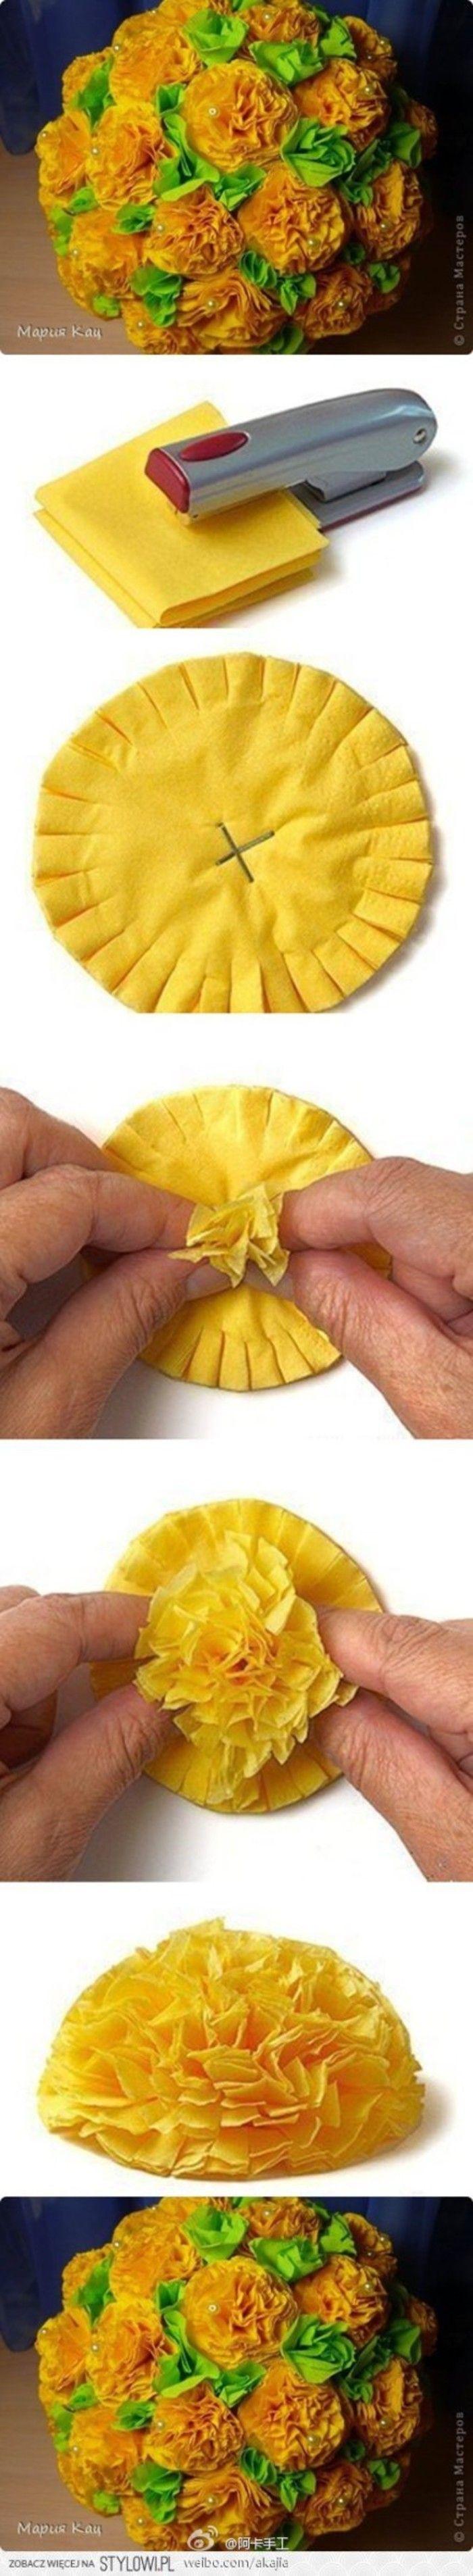 纸艺花也可以如此简单。一大捧黄色的花,插在花器里,特别映衬现在这个季节。如果花器也是通过我们的手工制作的,那就最好不过了呢!